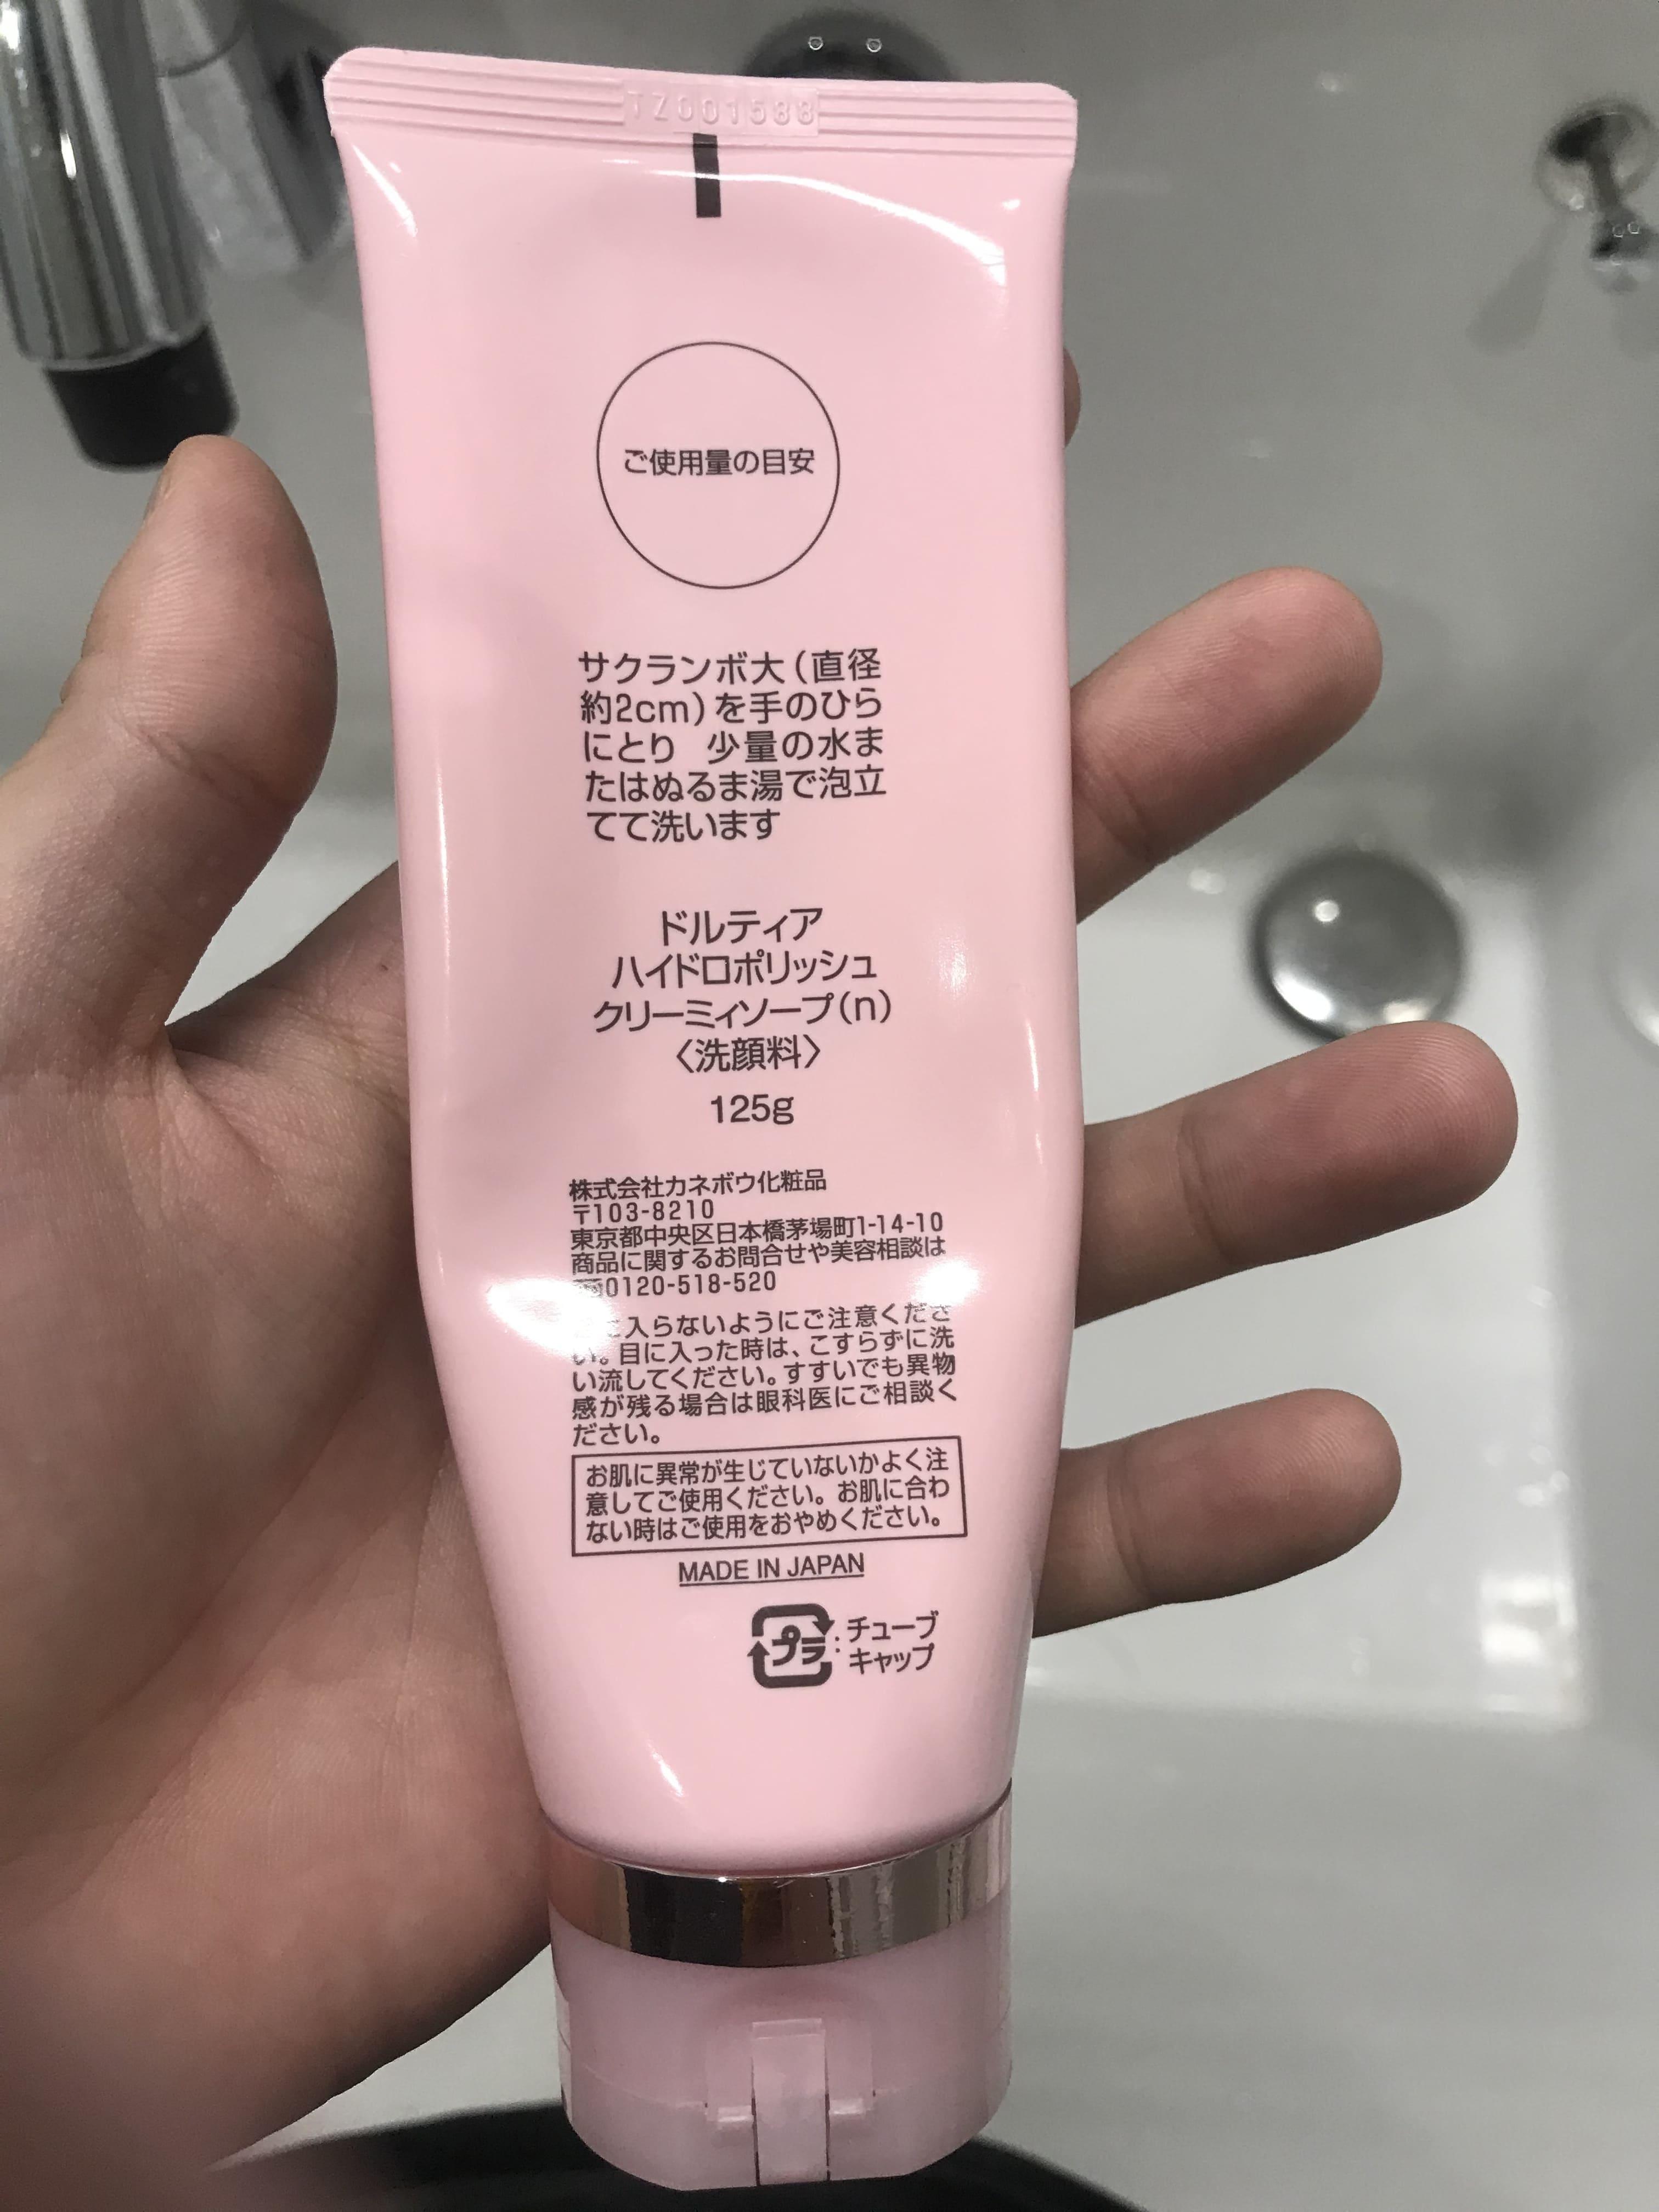 ドルティア(DOLITER)ハイドロポリッシュクリーミィソープ洗顔料口コミ評判